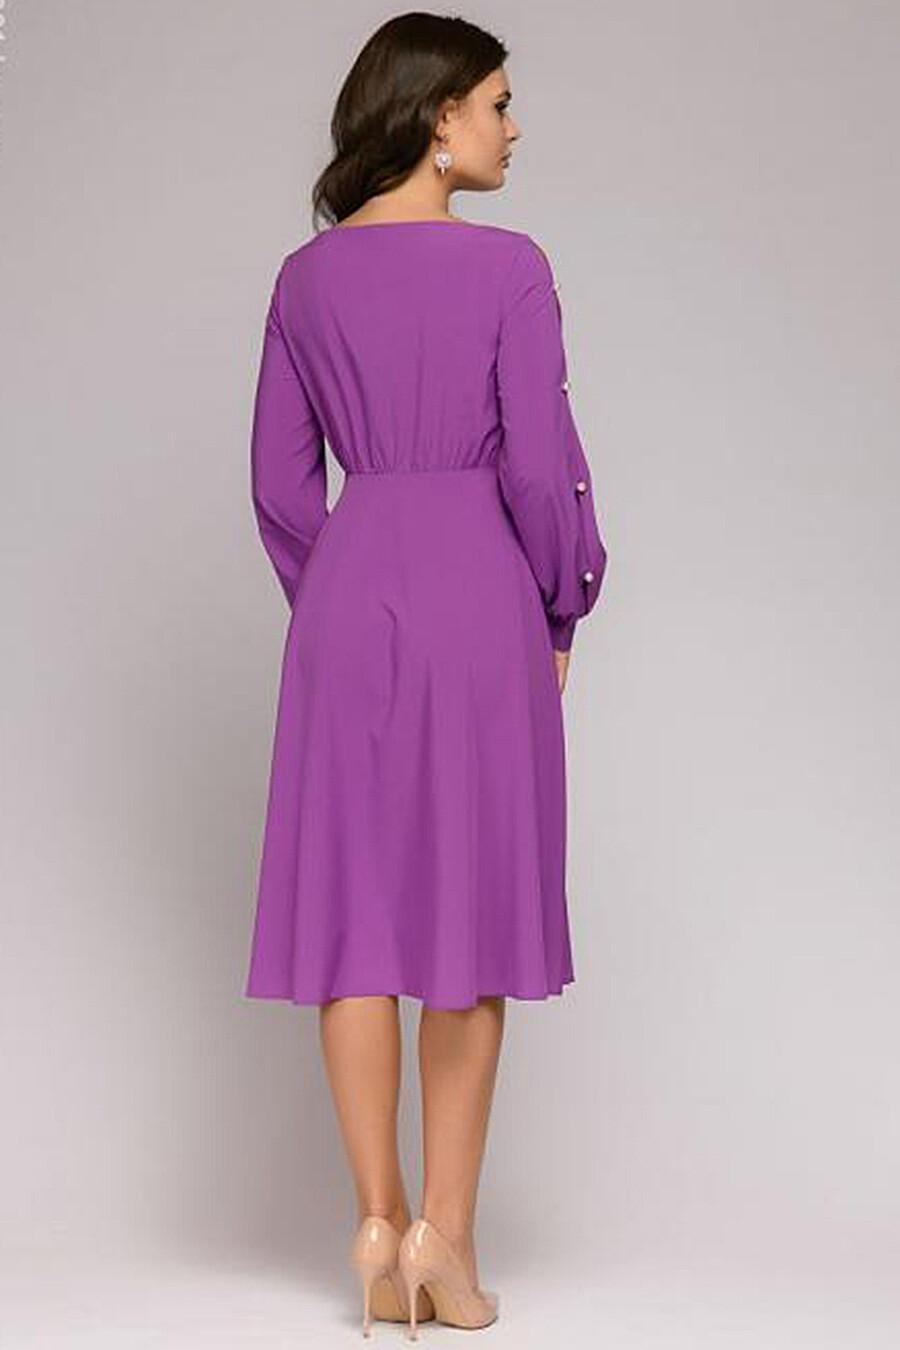 Платье для женщин 1001 DRESS 130554 купить оптом от производителя. Совместная покупка женской одежды в OptMoyo